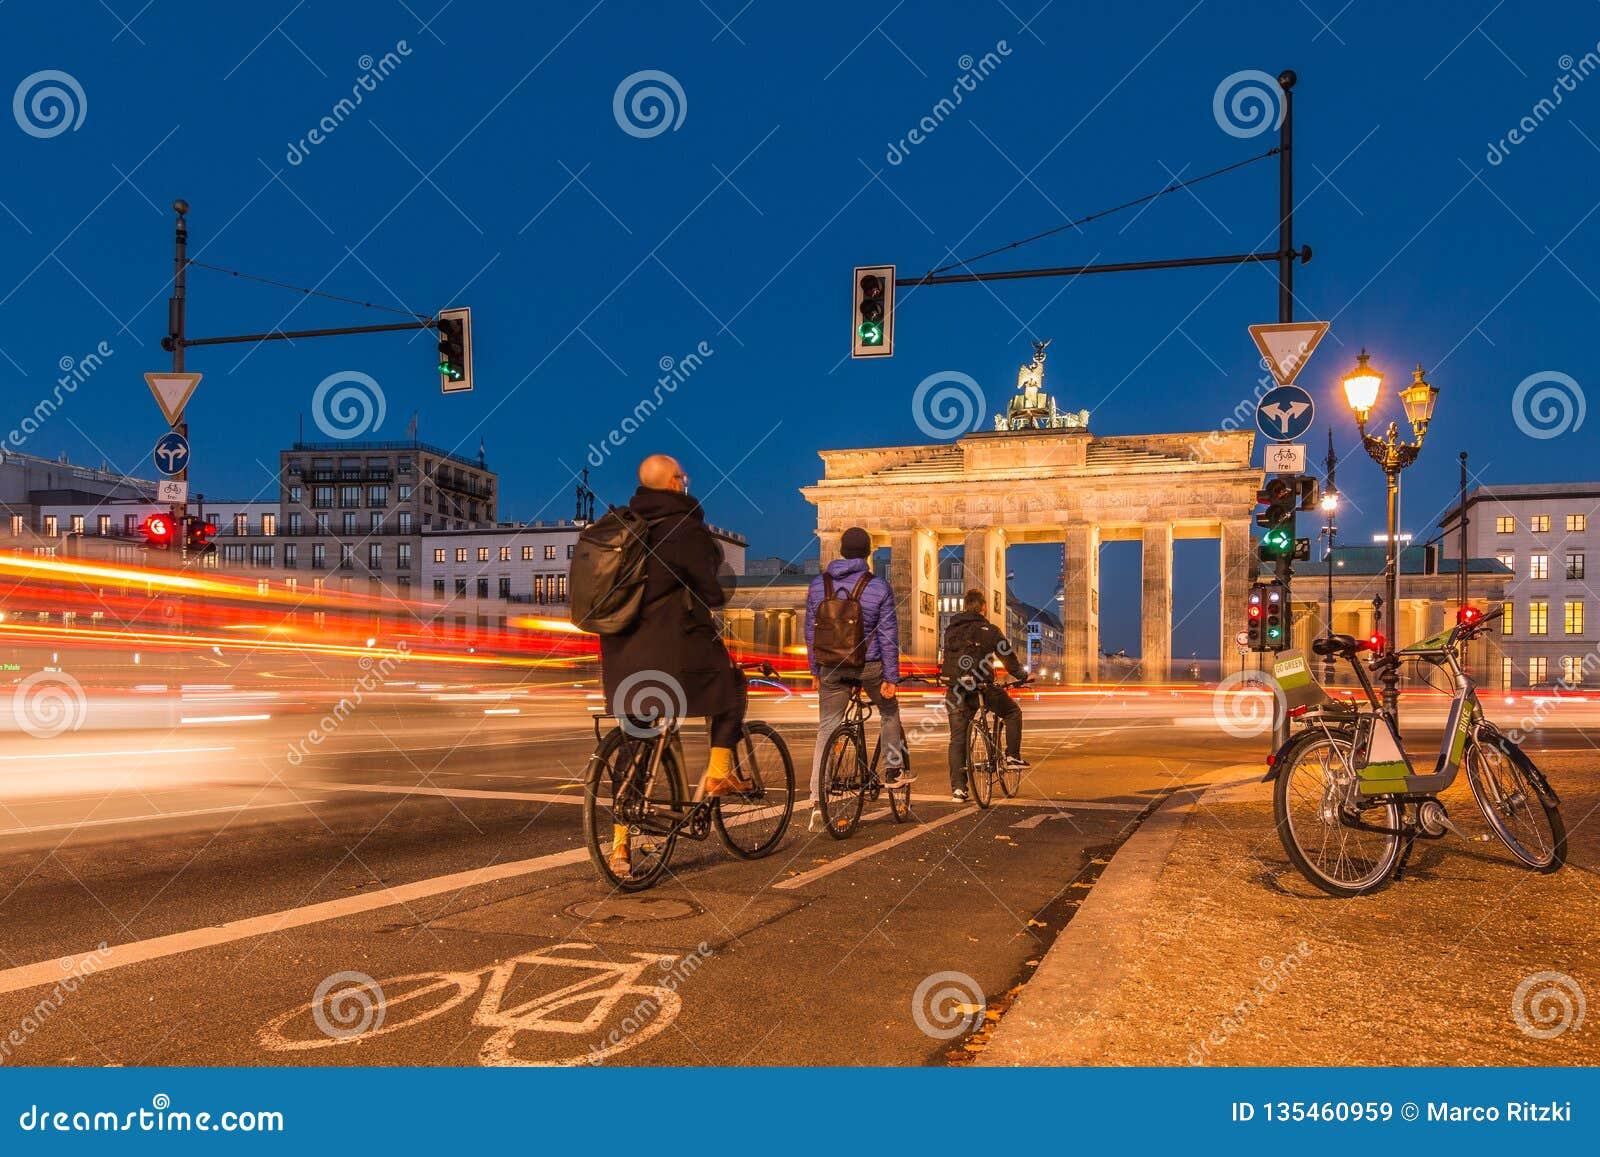 Porte de Brandebourg la nuit avec des cyclistes aux feux de signalisation